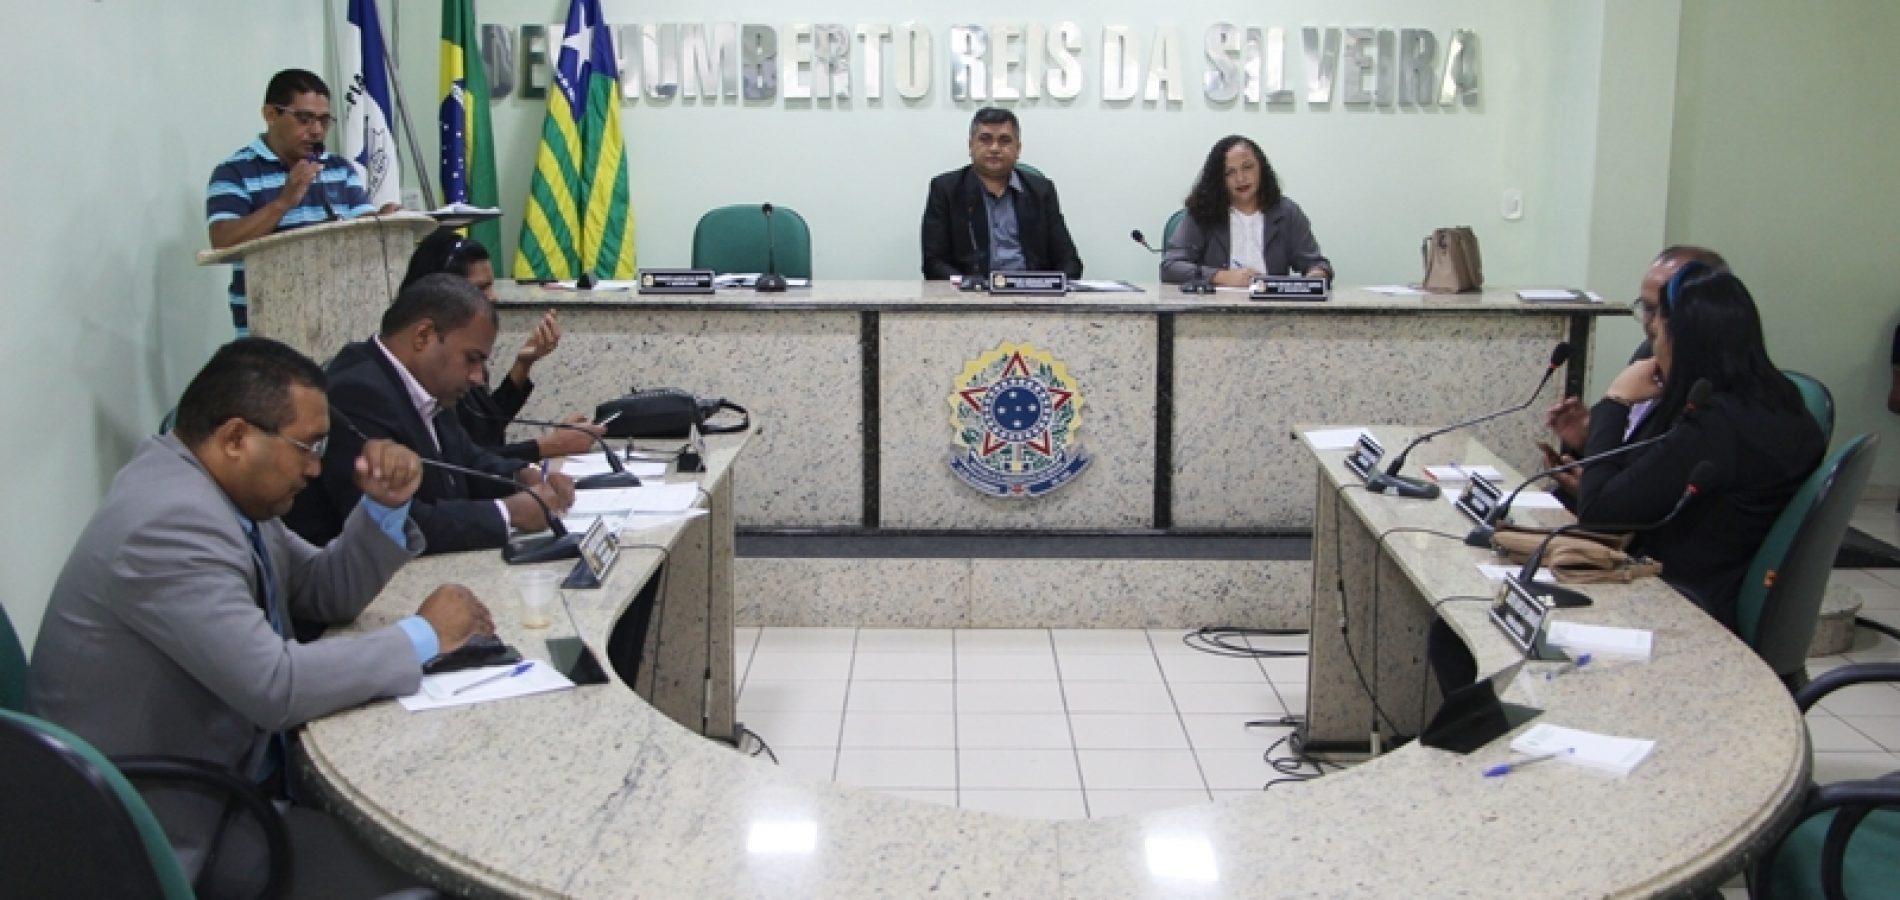 JAICÓS | Vereadores apresentam moções de pesar e homenageiam Maria Antônia Costa e José Avelino de Sousa